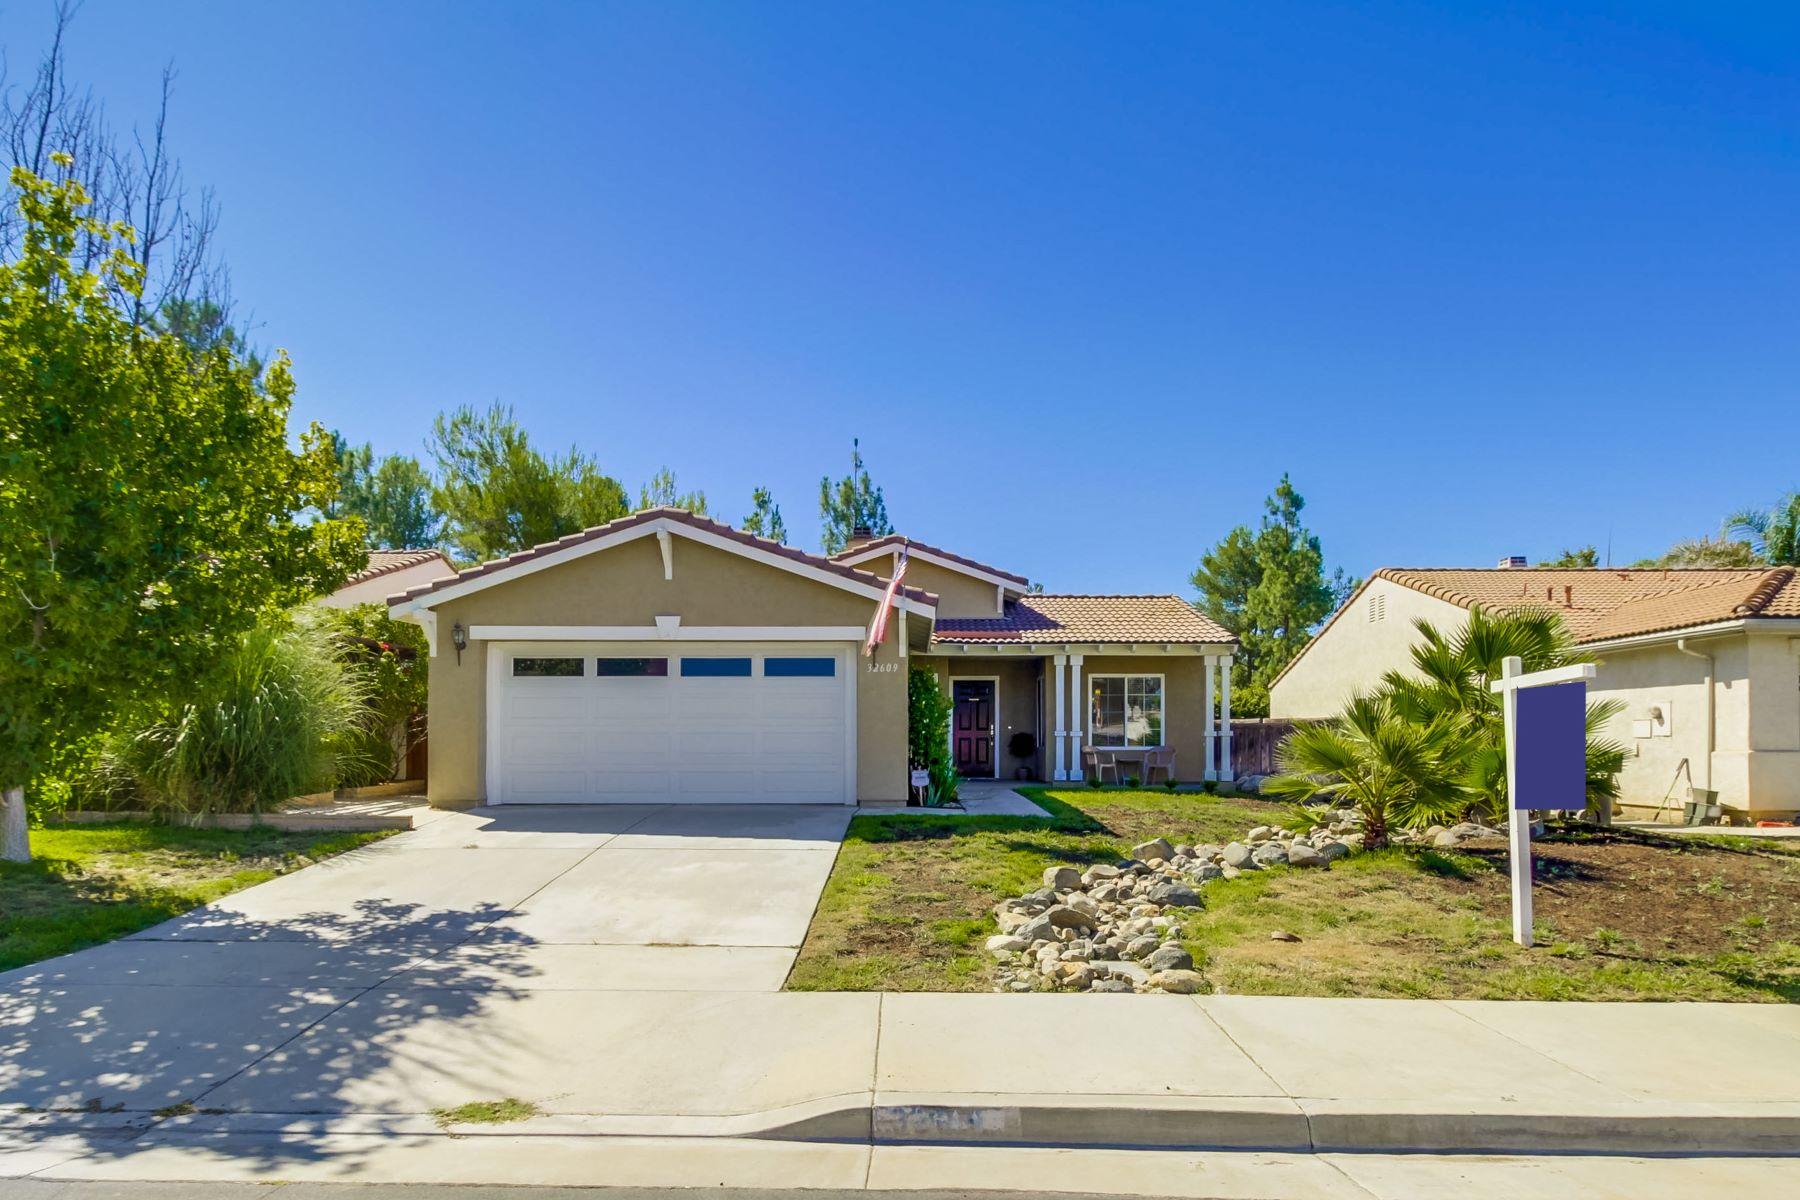 Maison unifamiliale pour l Vente à 32609 Strigel Ct Temecula, Californie, 92592 États-Unis